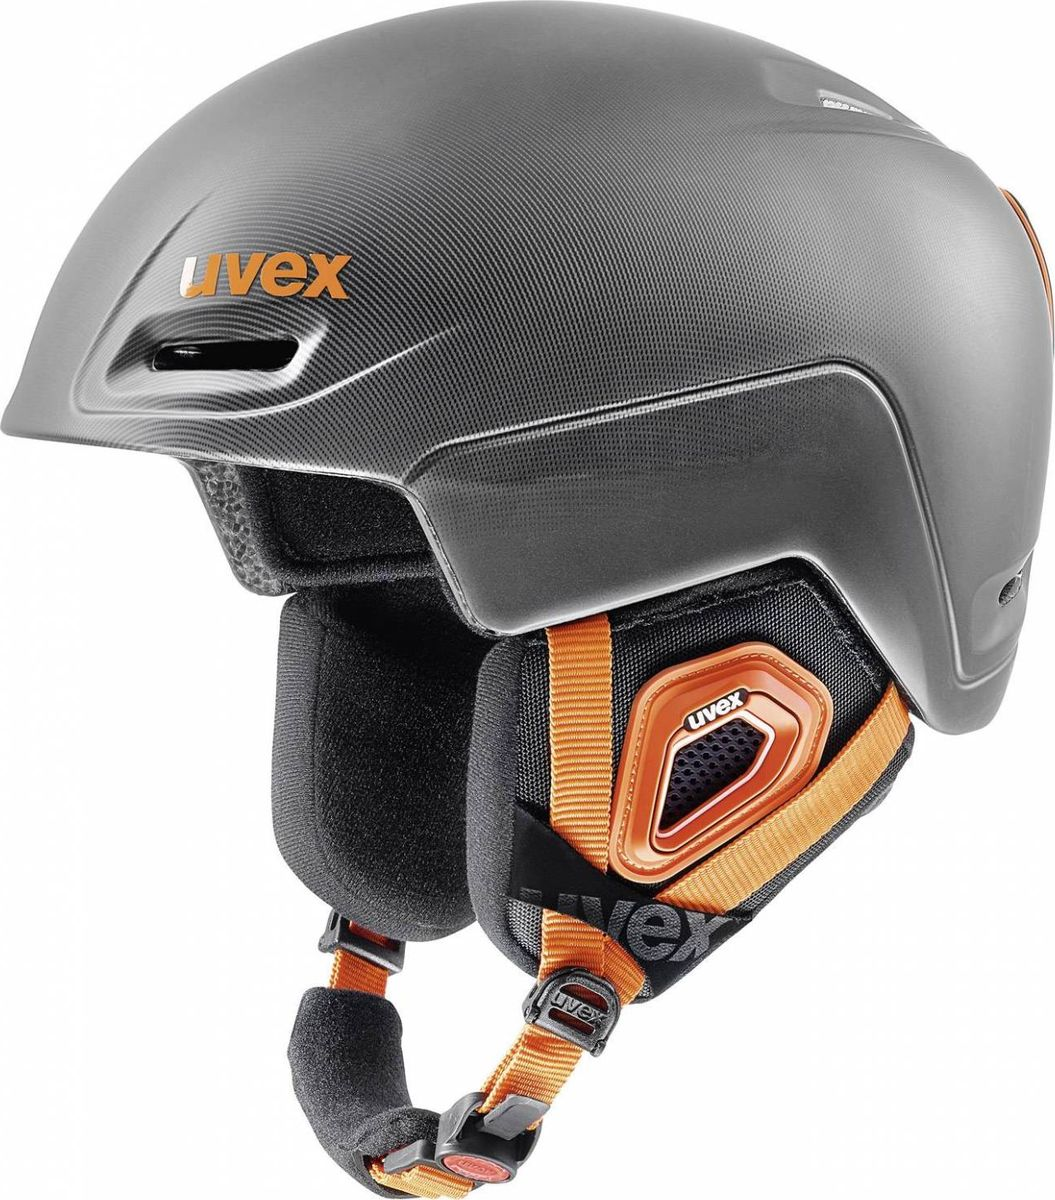 Шлем горнолыжный Uvex Jimm Helmet, цвет: серый, черный матовый. Размер M6206Удобный шлем Uvex Jimm Helmet обеспечит безопасность на склоне. В модели предусмотрена съемная защита ушей. Гипоаллергенная подкладка и регулируемая вентиляция гарантируют комфорт во время катания. Фиксатор стрэпа маски и застежка monomatiс, которую легко отрегулировать одной рукой, служат для удобства использования.